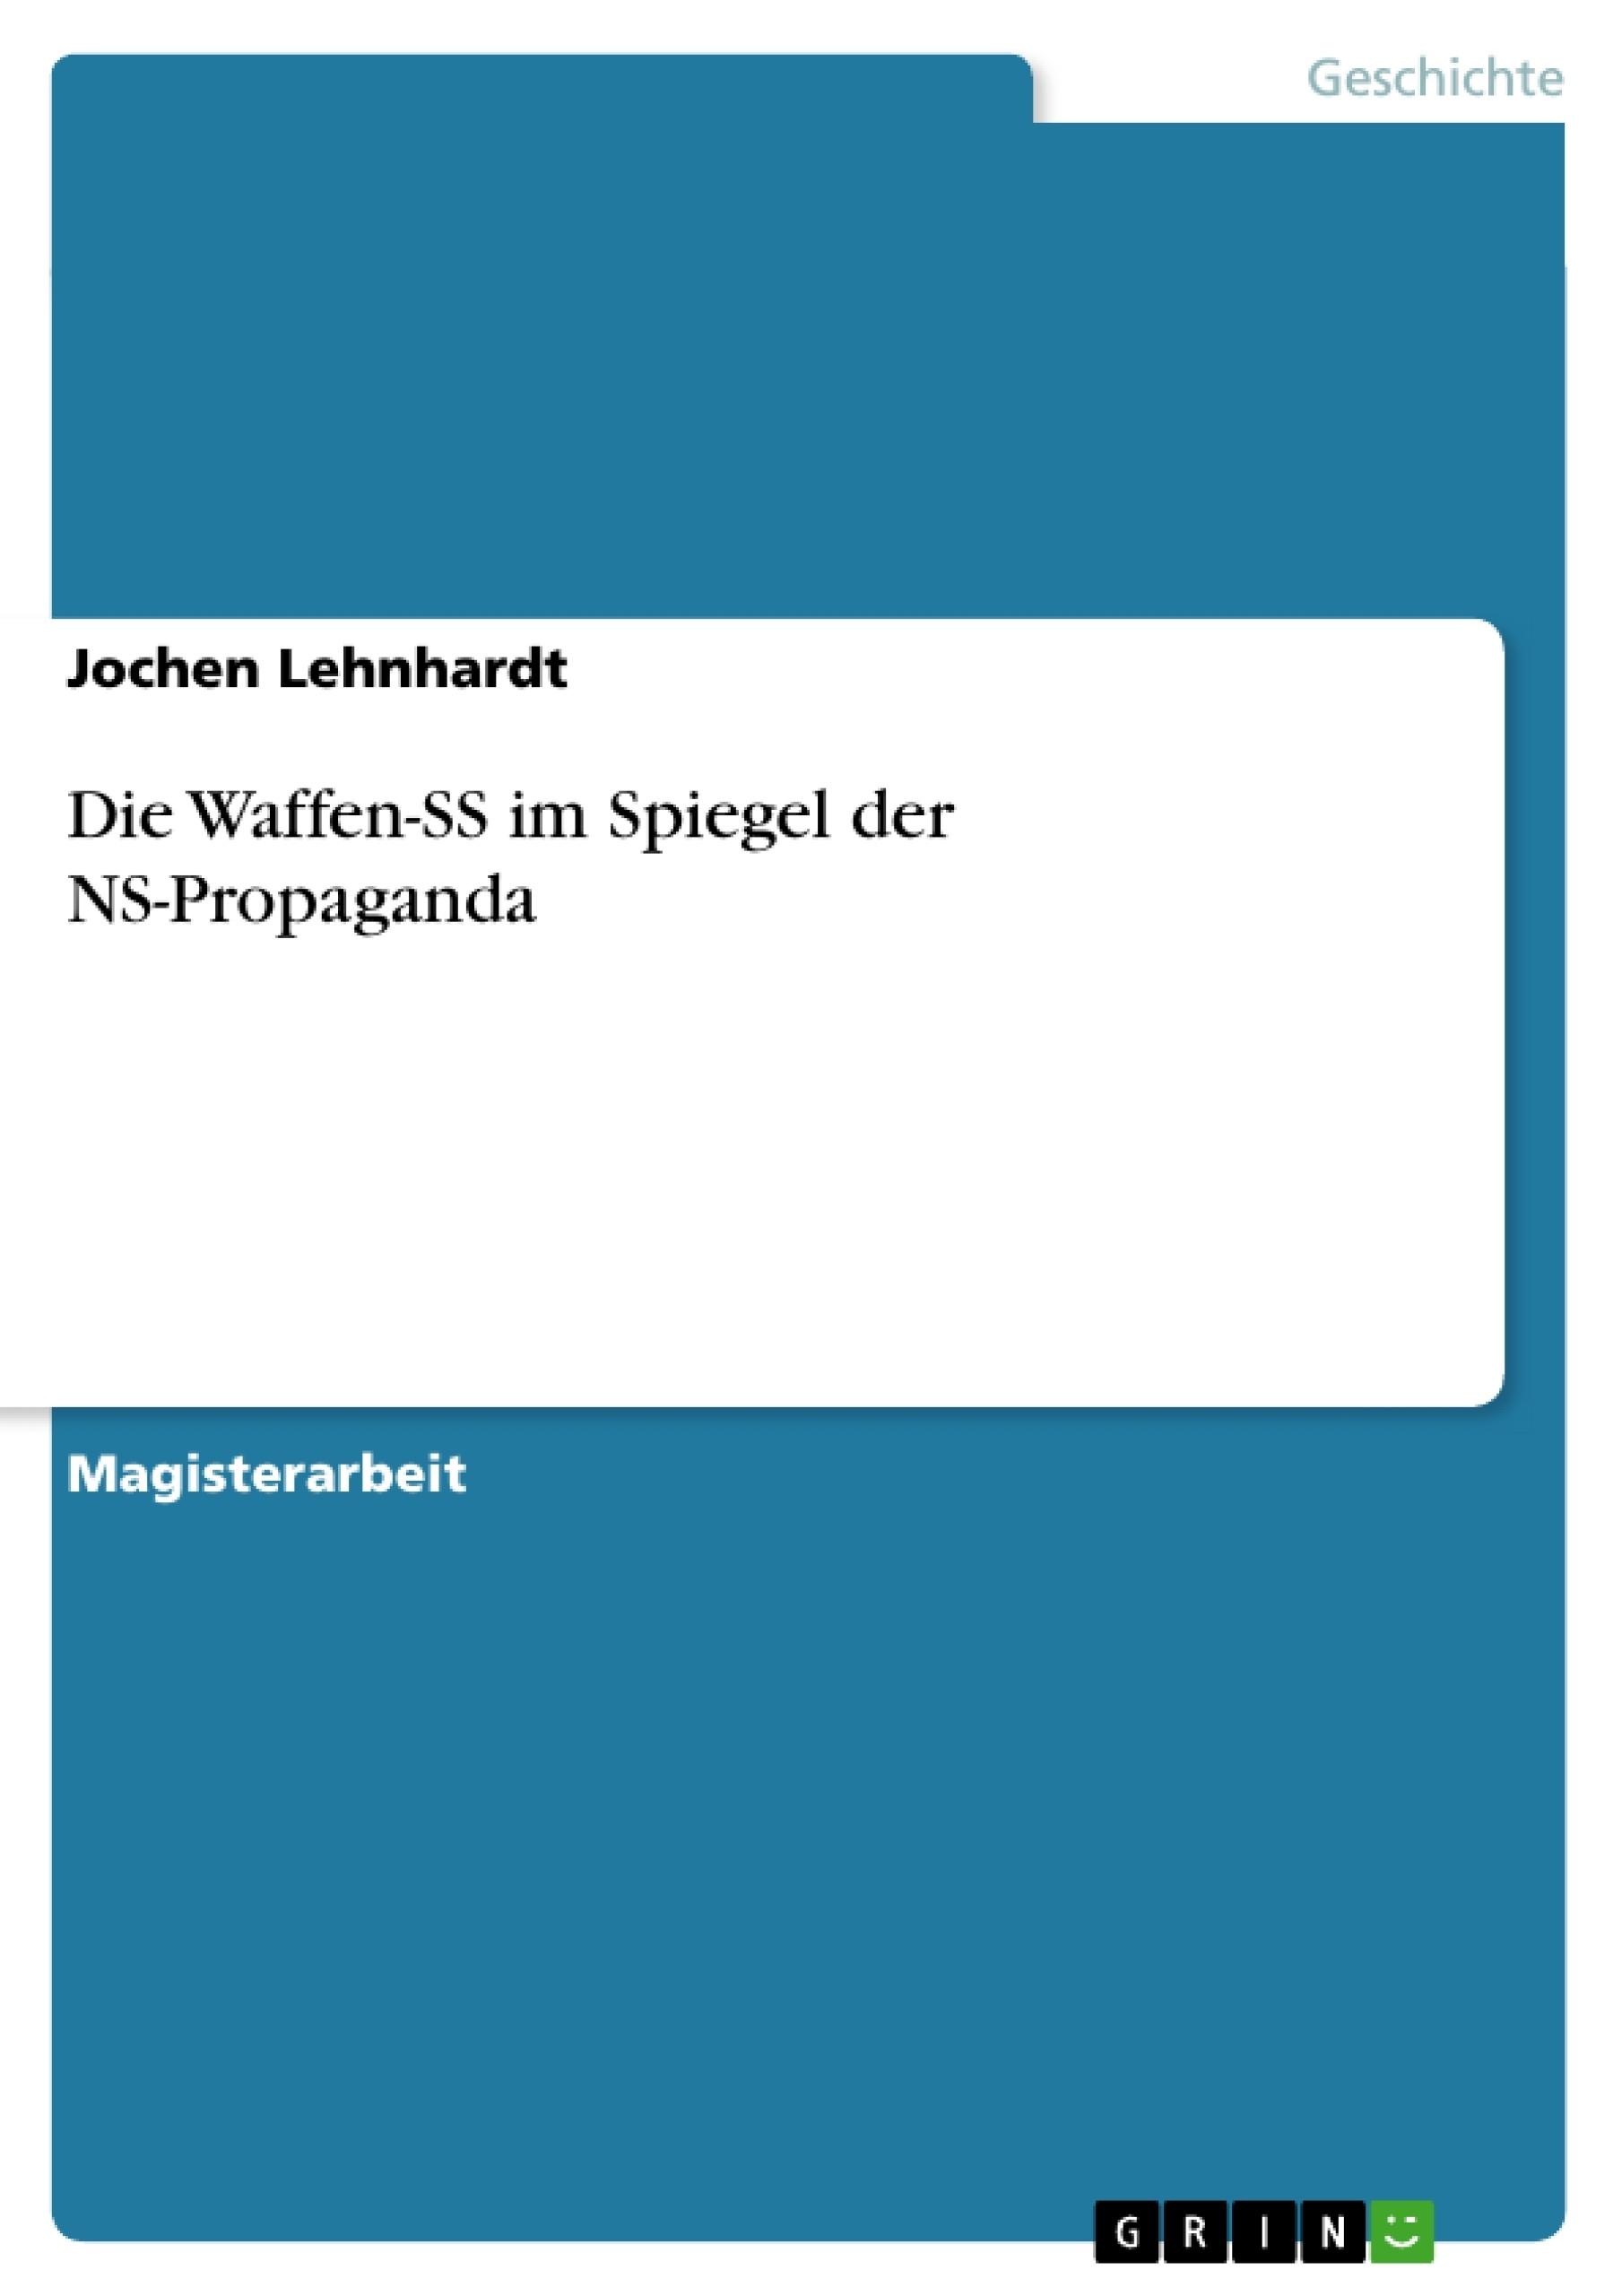 Titel: Die Waffen-SS im Spiegel der NS-Propaganda